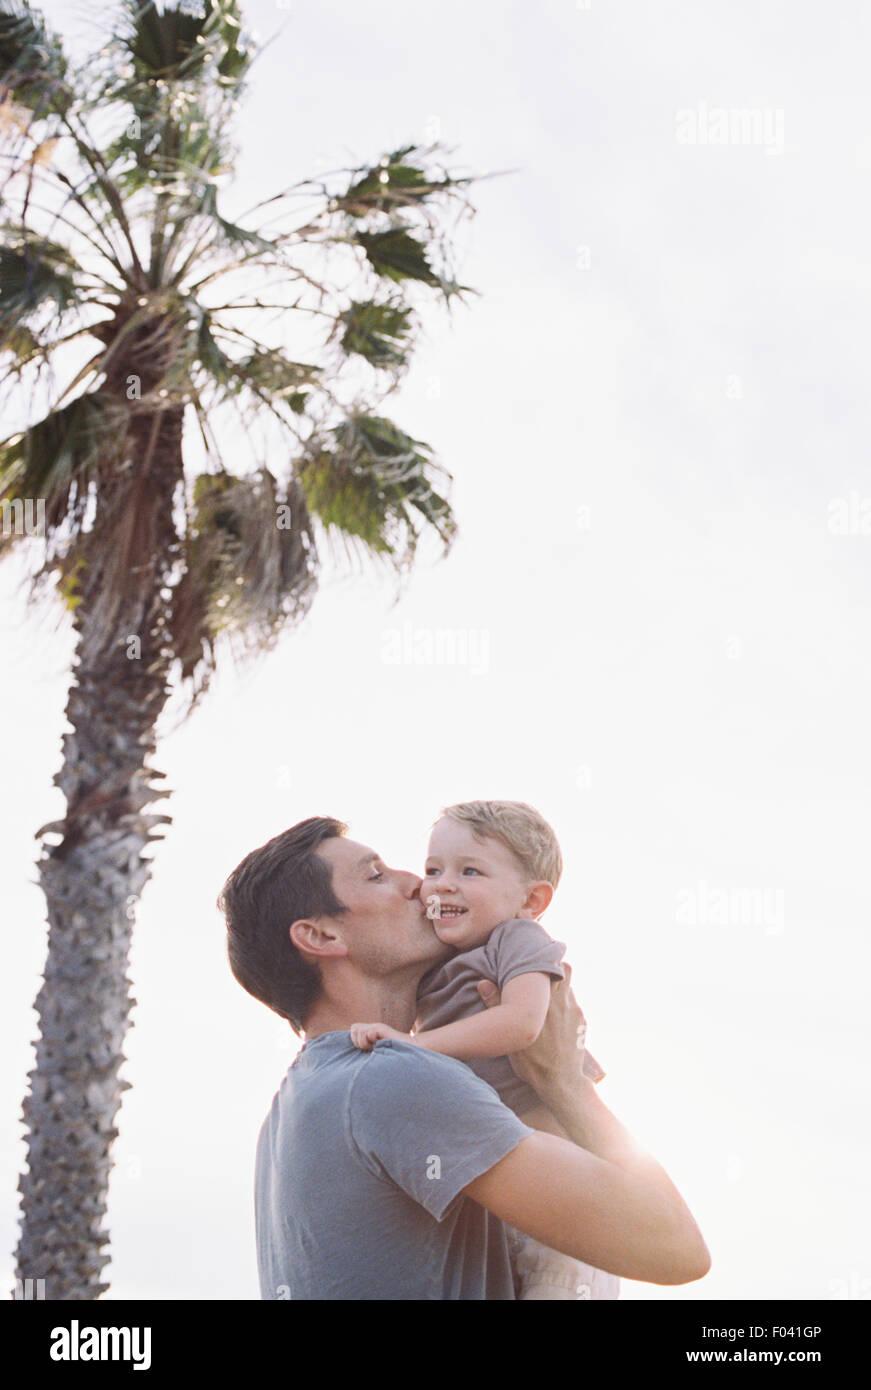 Mann von einer Palme stehend, seinen kleinen Sohn auf dem Arm tragen, ihn auf die Wange zu küssen. Stockbild